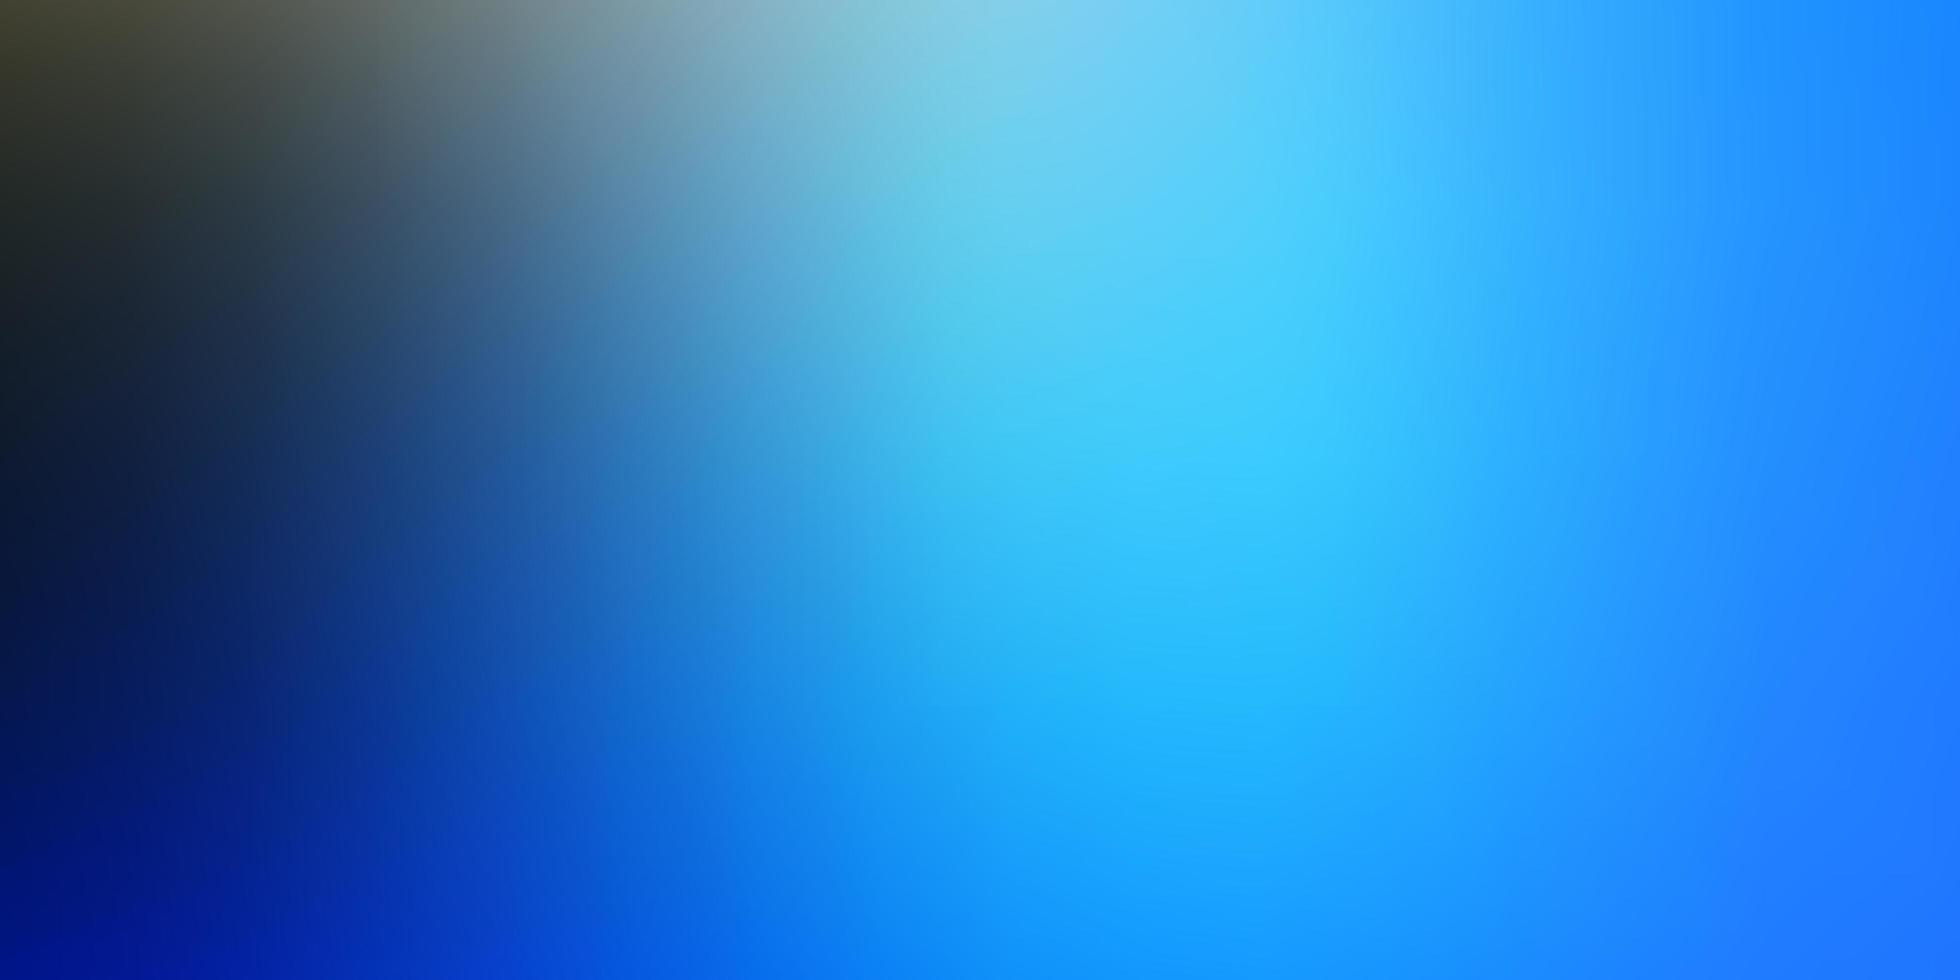 blaue abstrakte helle Schablone. vektor